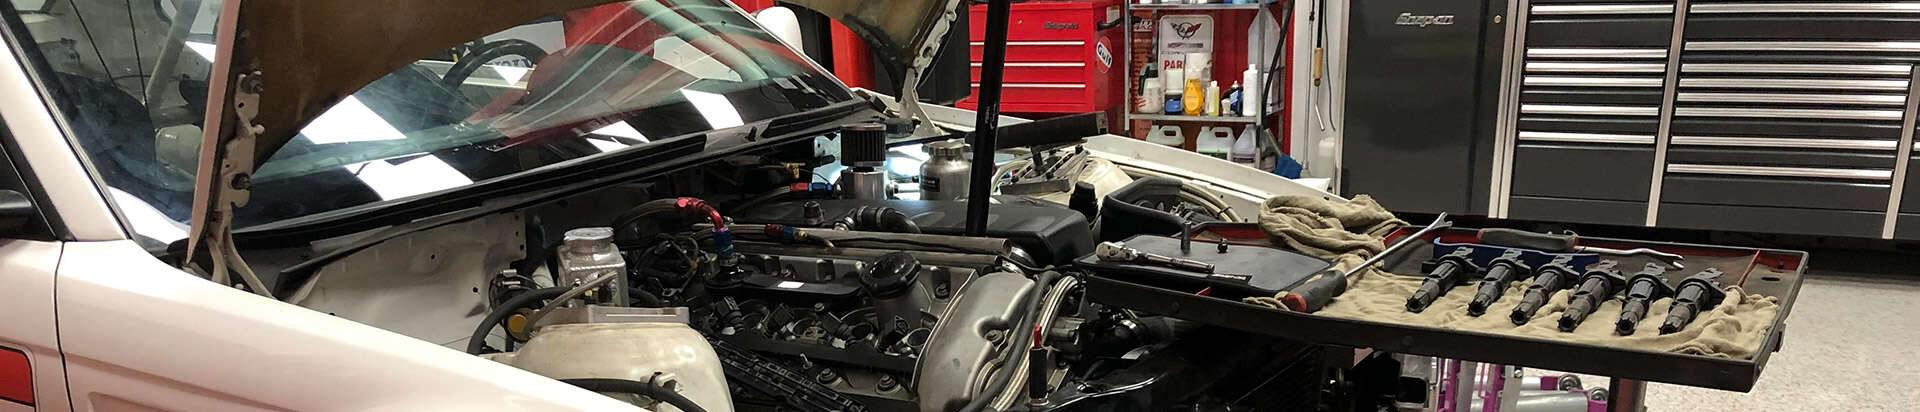 Ottawa High-End Vehicle Maintenance